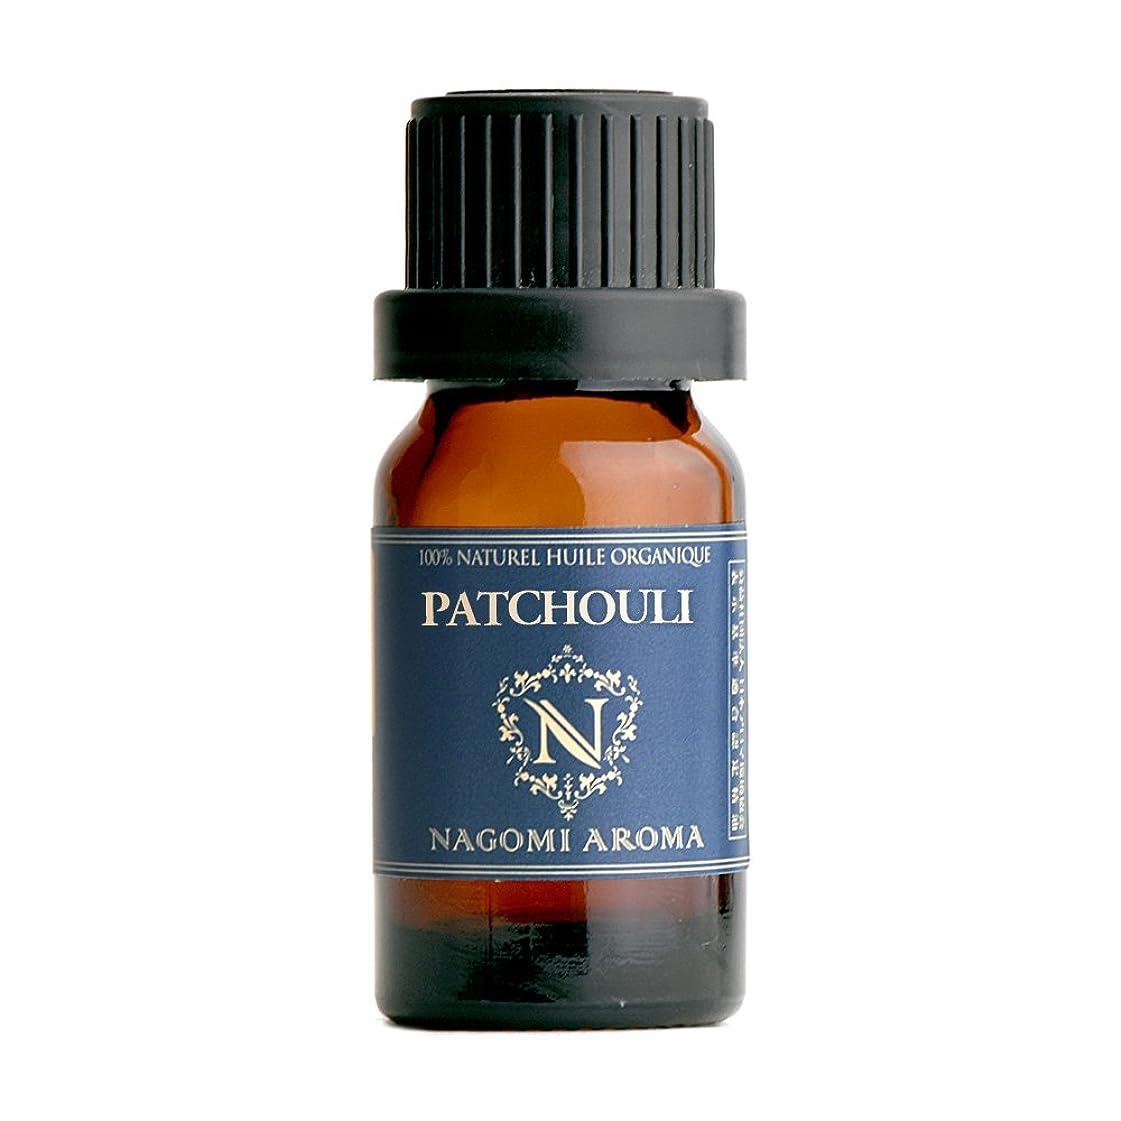 臭い香り面白いNAGOMI AROMA オーガニック パチュリー 10ml 【AEAJ認定精油】【アロマオイル】